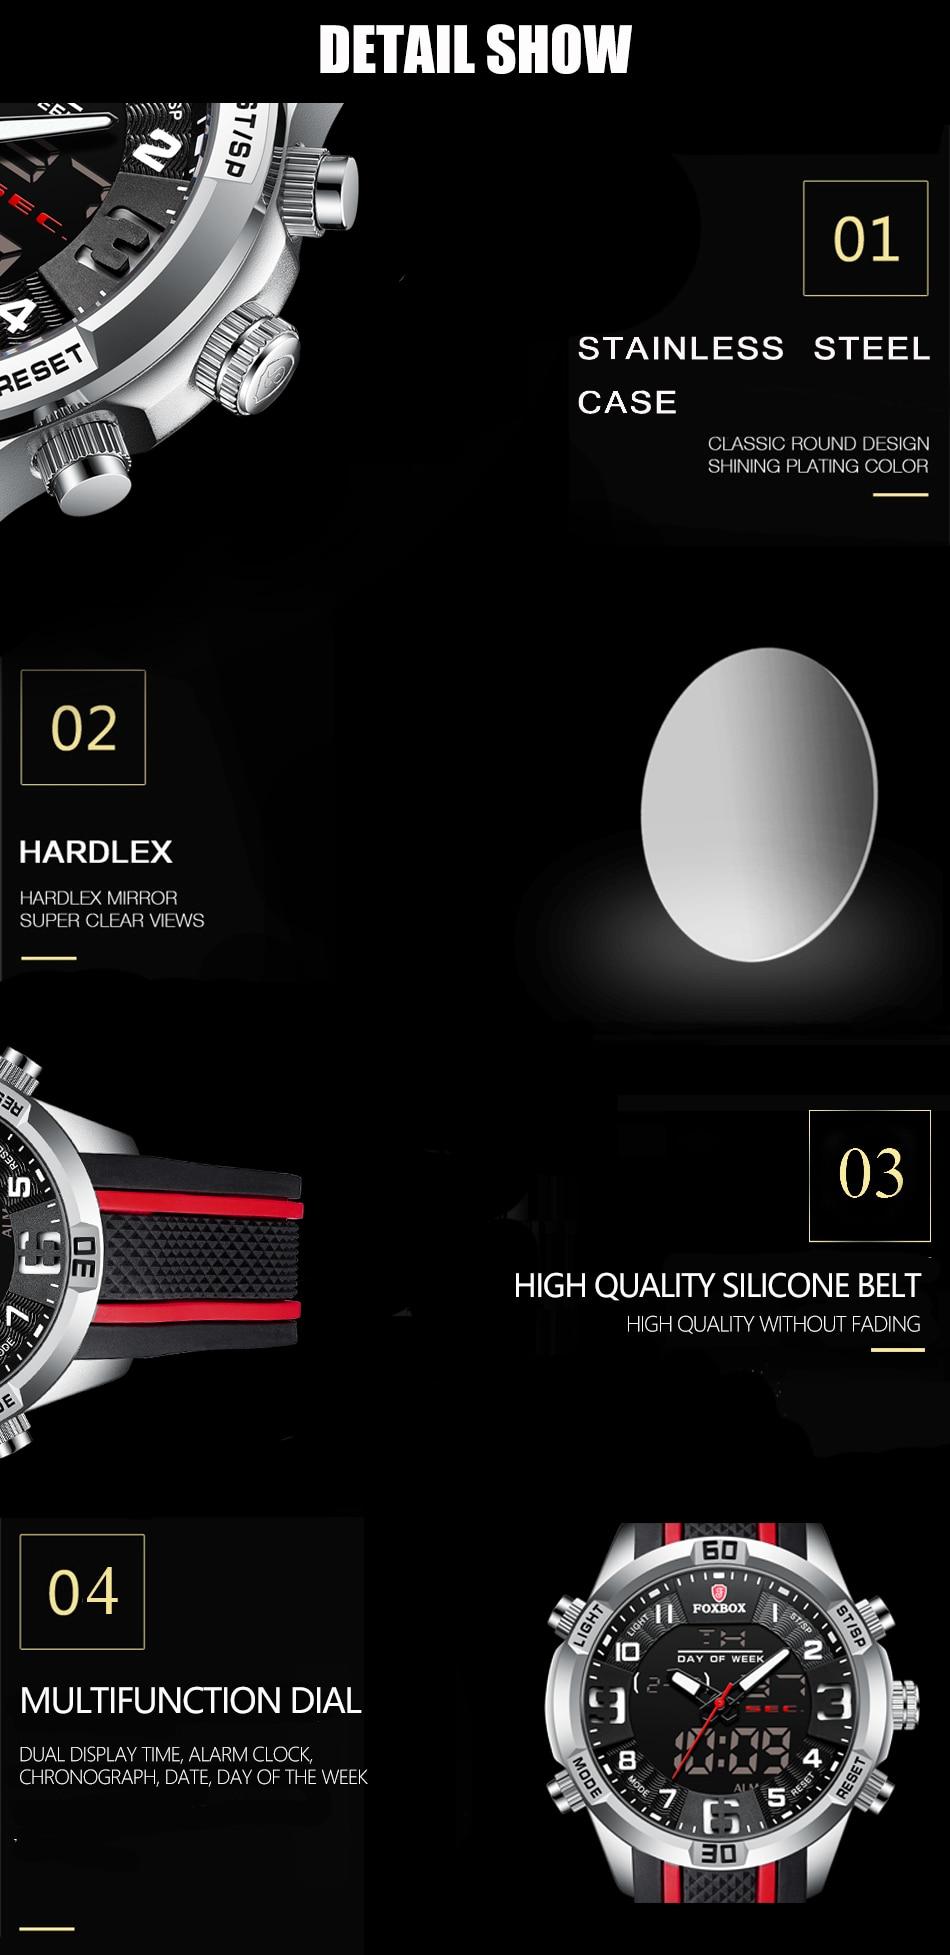 H8223f176725c4d65b117ec1cb82316daz Watch For Men FOXBOX Top Brand Luxury Dual Display